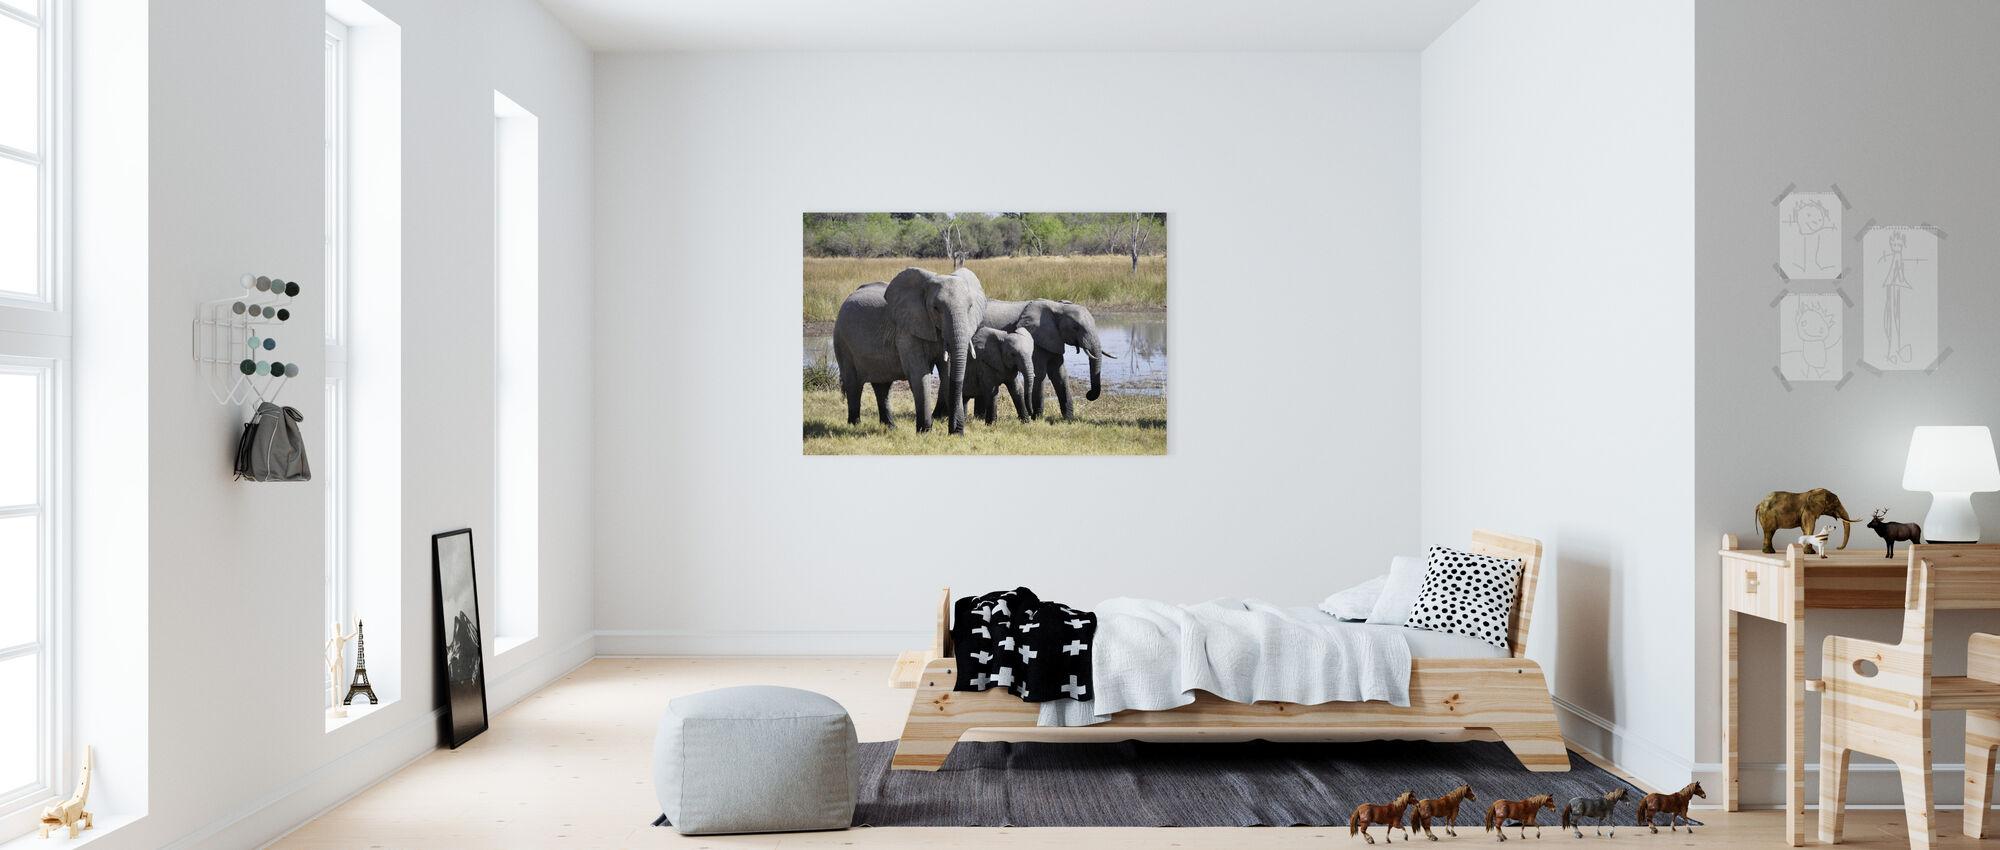 Olifantenfamilie - Canvas print - Kinderkamer